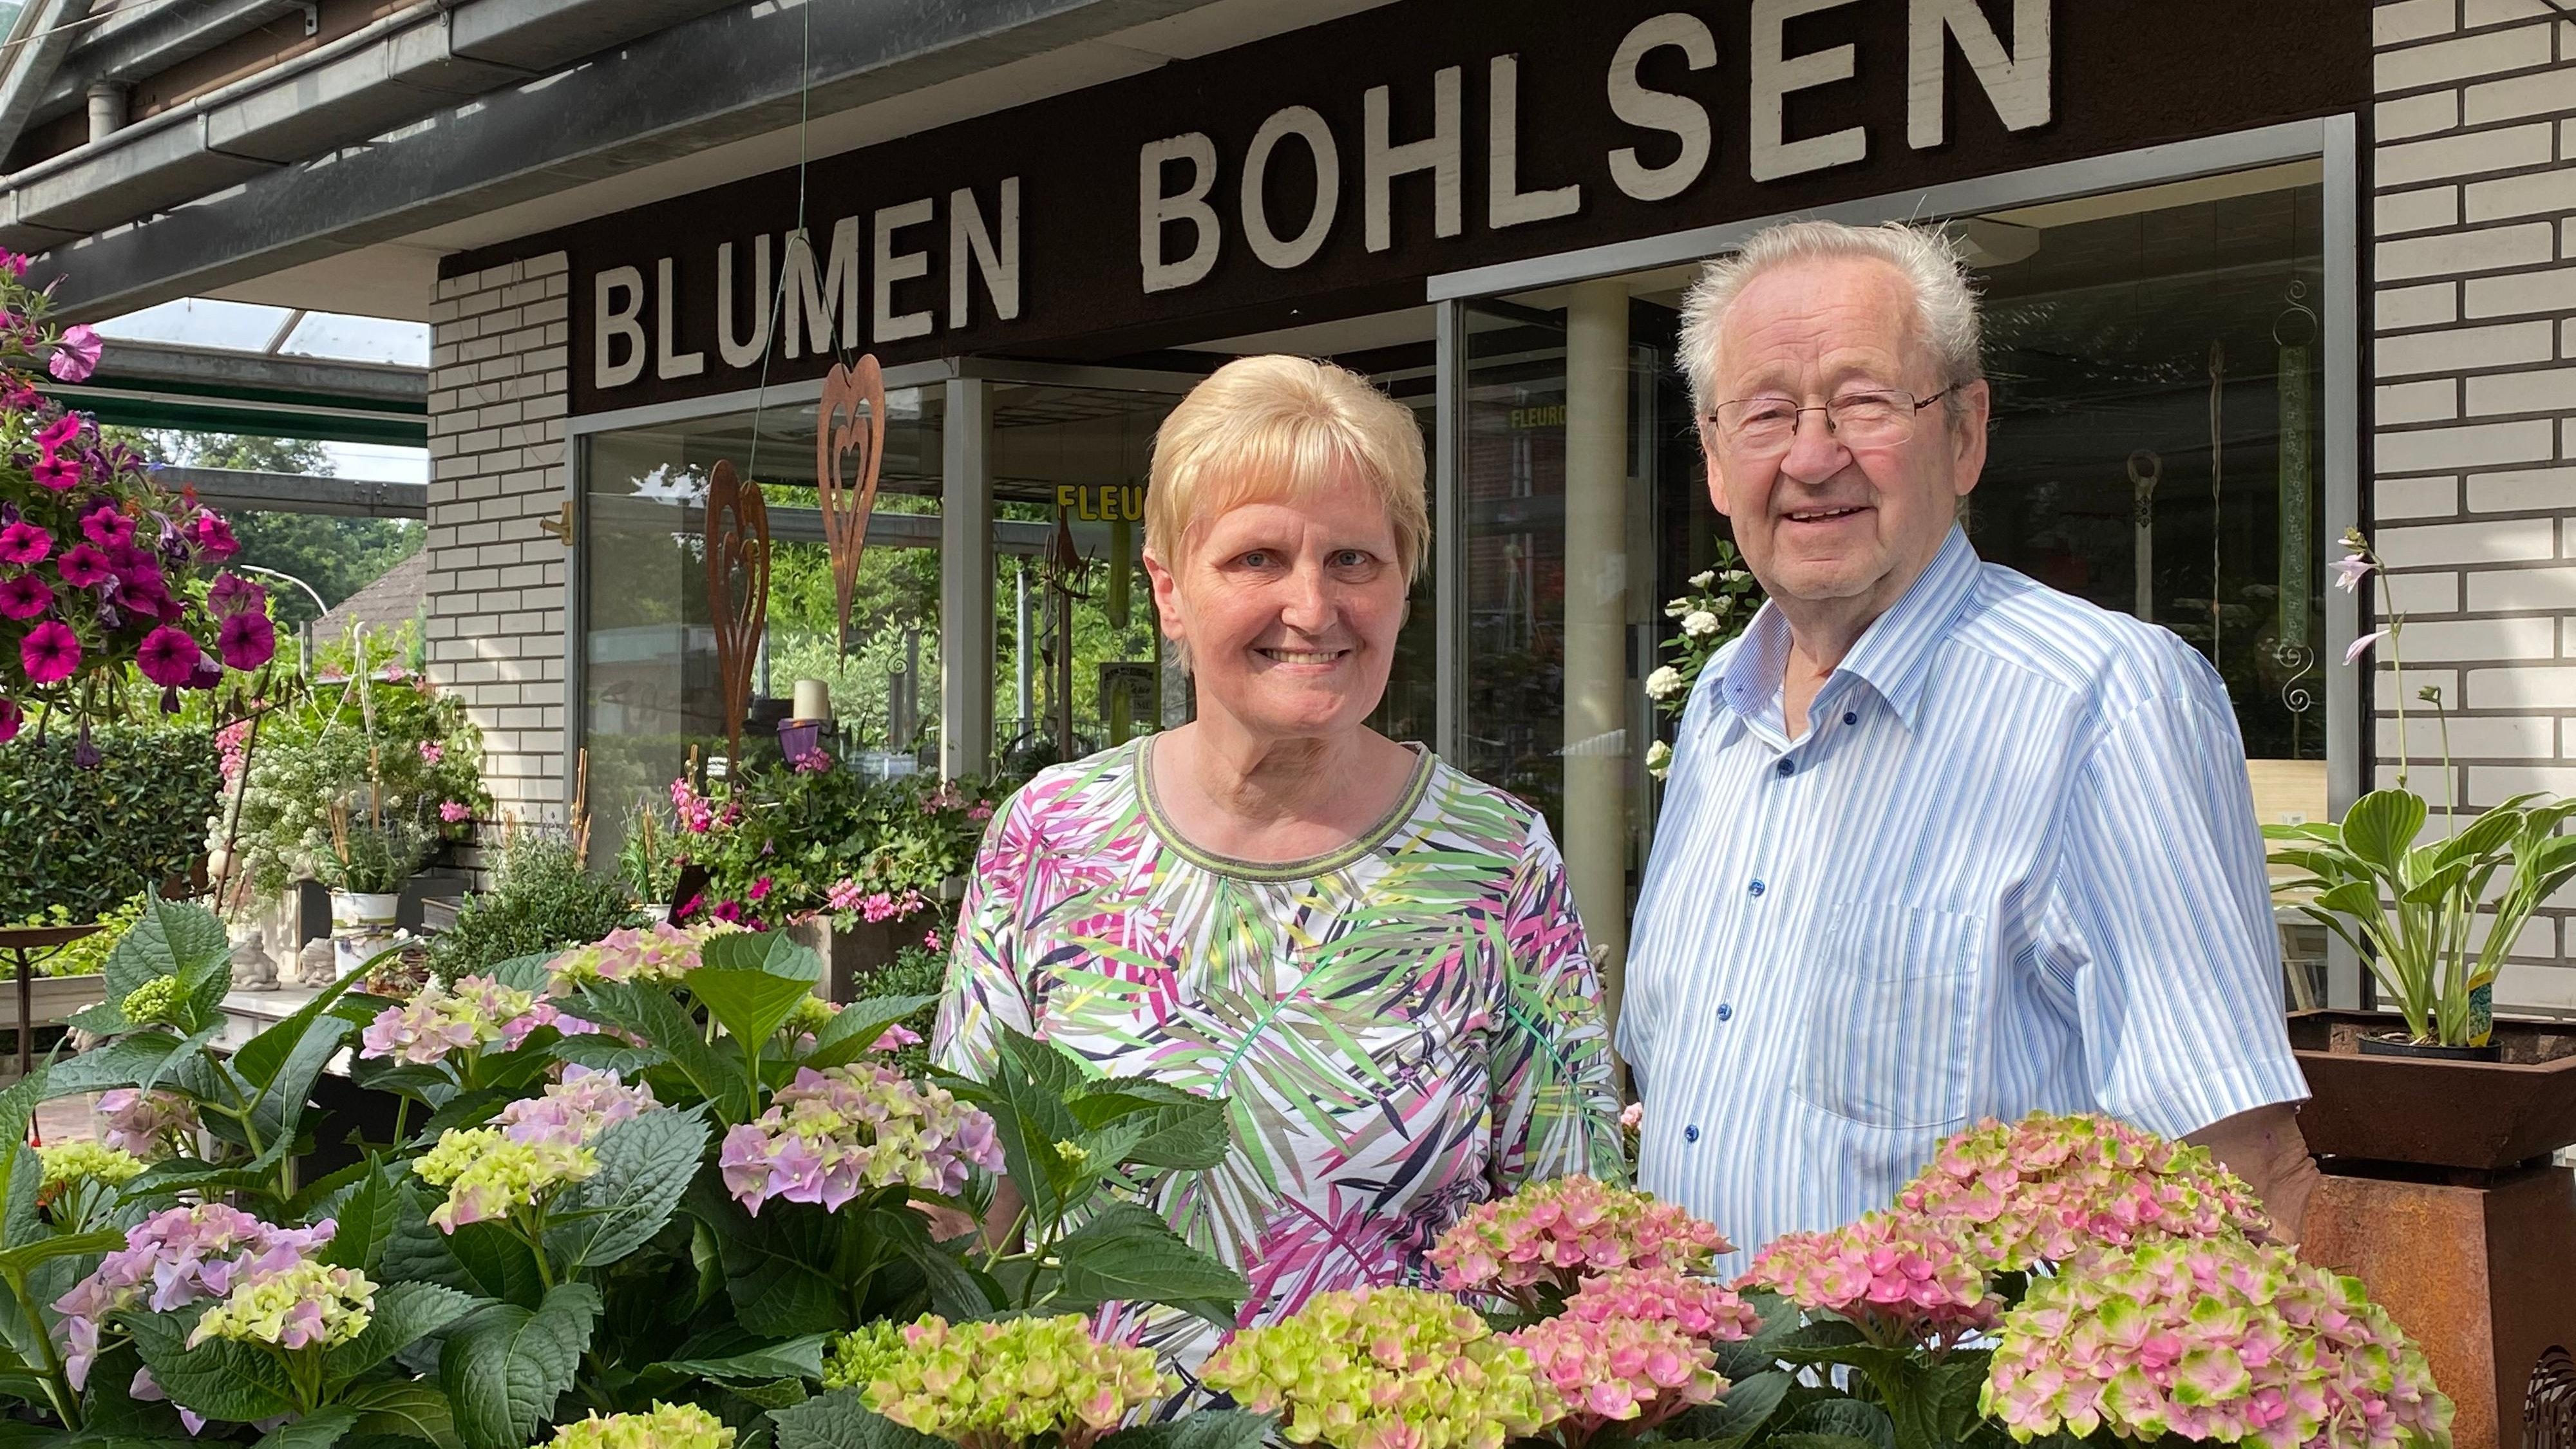 Gingen vor 52 Jahren in die Selbstständigkeit: Maria und Hermann Bohlsen eröffneten 1969 ihr Geschäft an der Markhauser Hauptstraße, das sie stetig erweiterten. Ende Juli drehen die beiden nun den Schlüssel herum. Foto: Wimberg